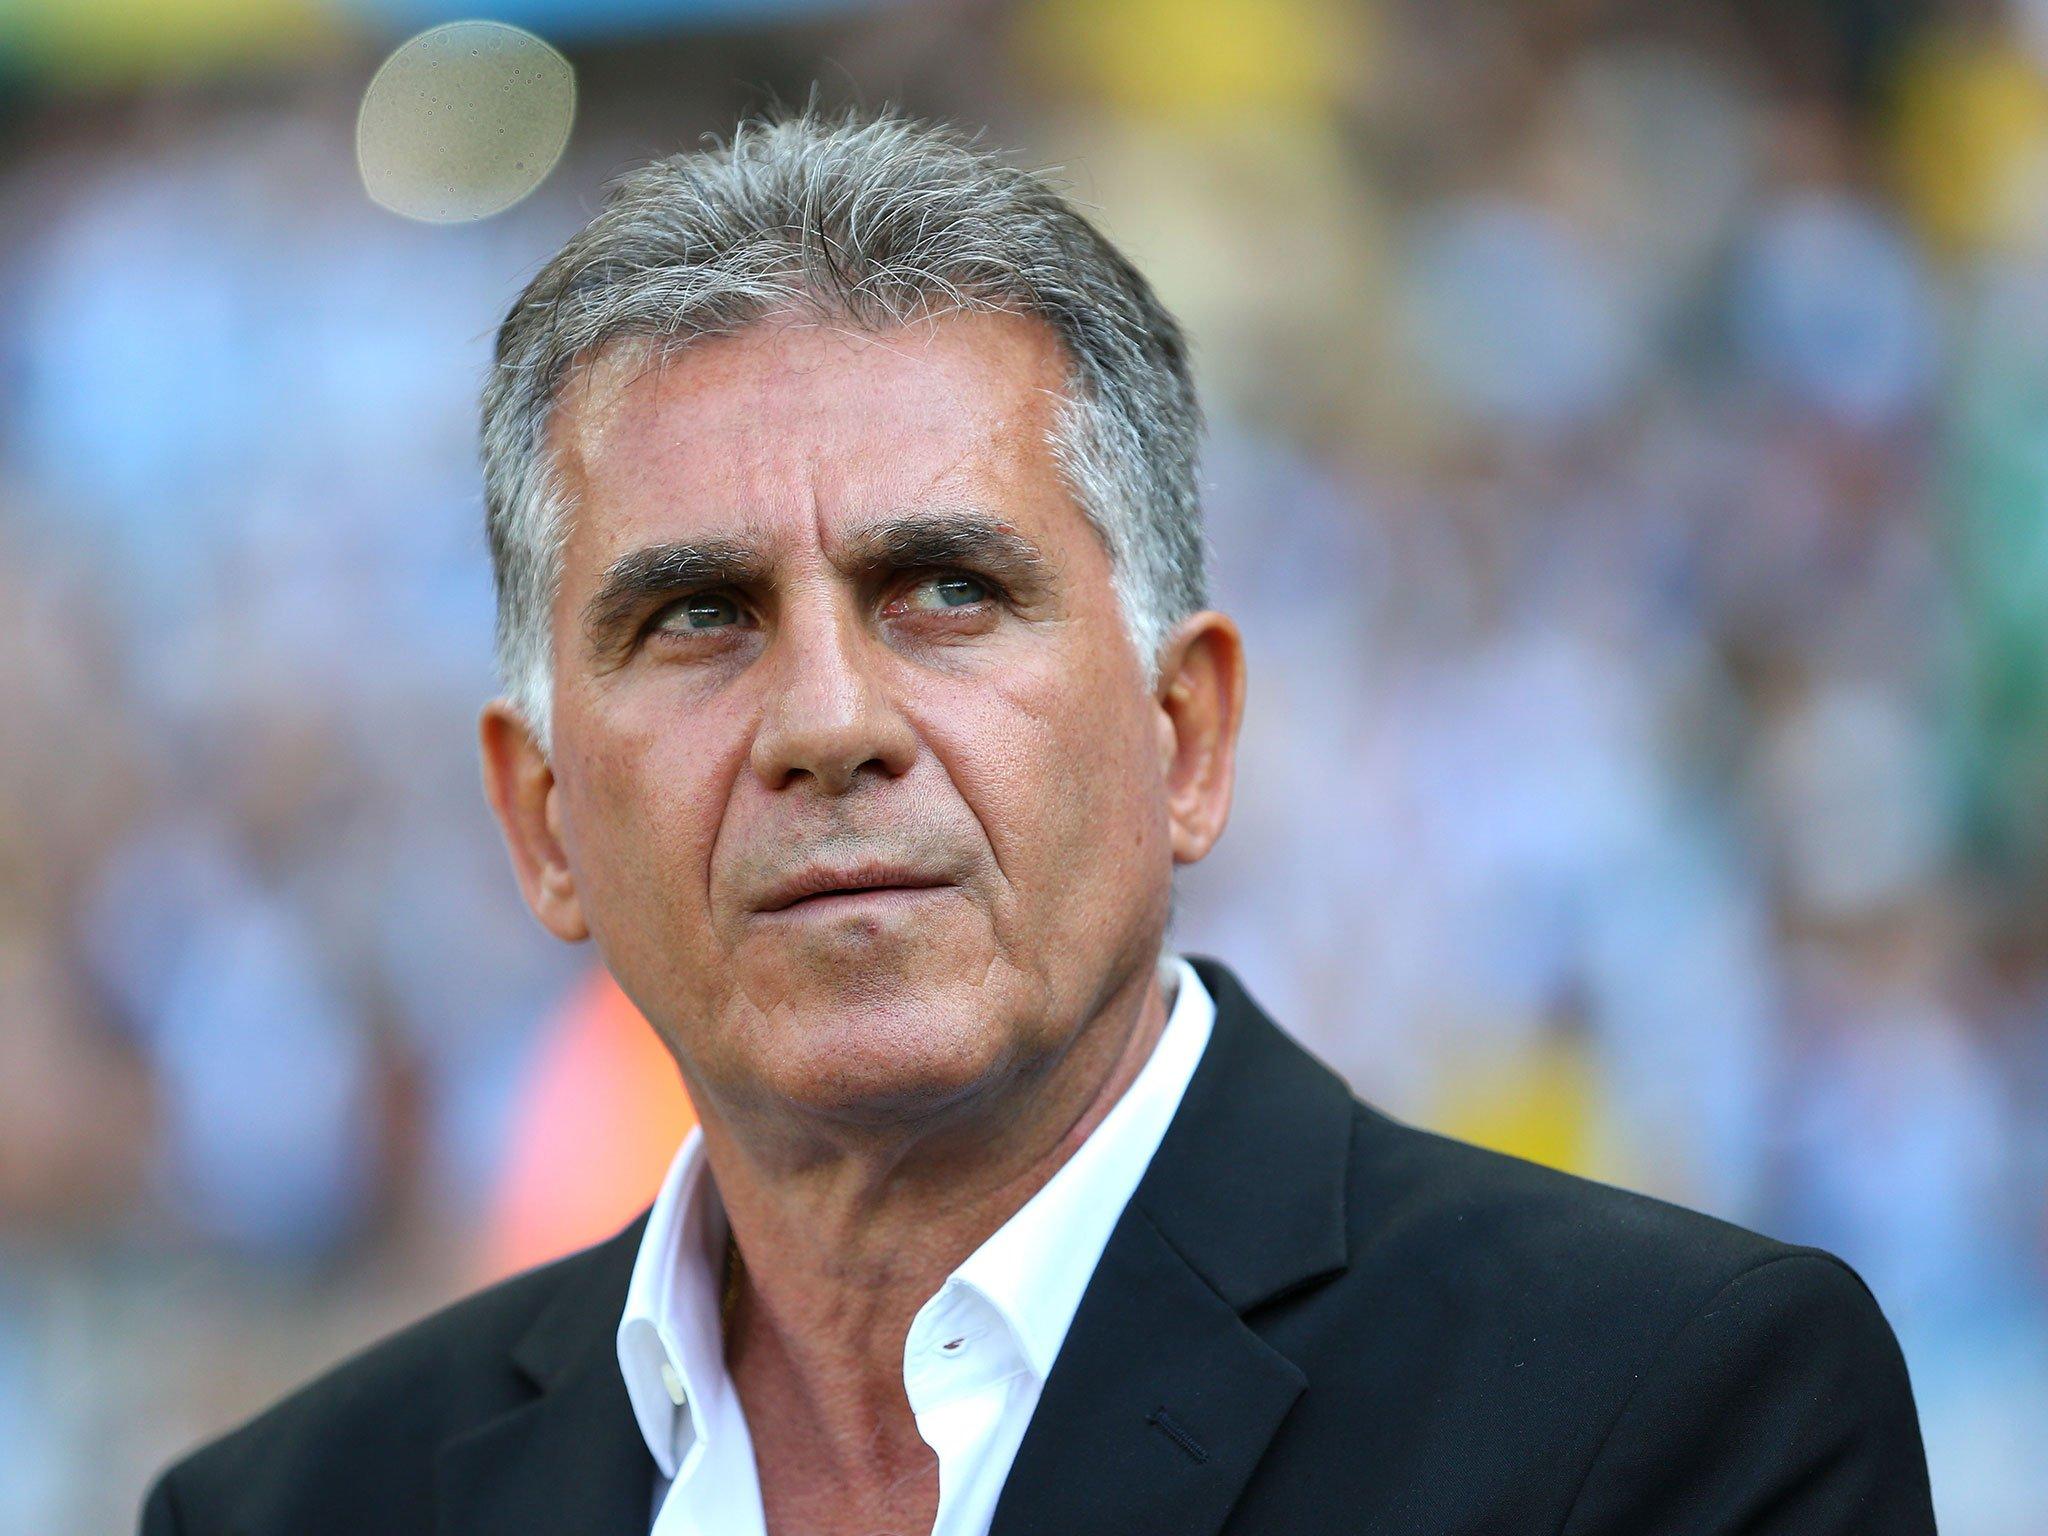 کی روش پس از پایان جام ملتهای آسیا، سرمربی کلمبیا خواهد شد